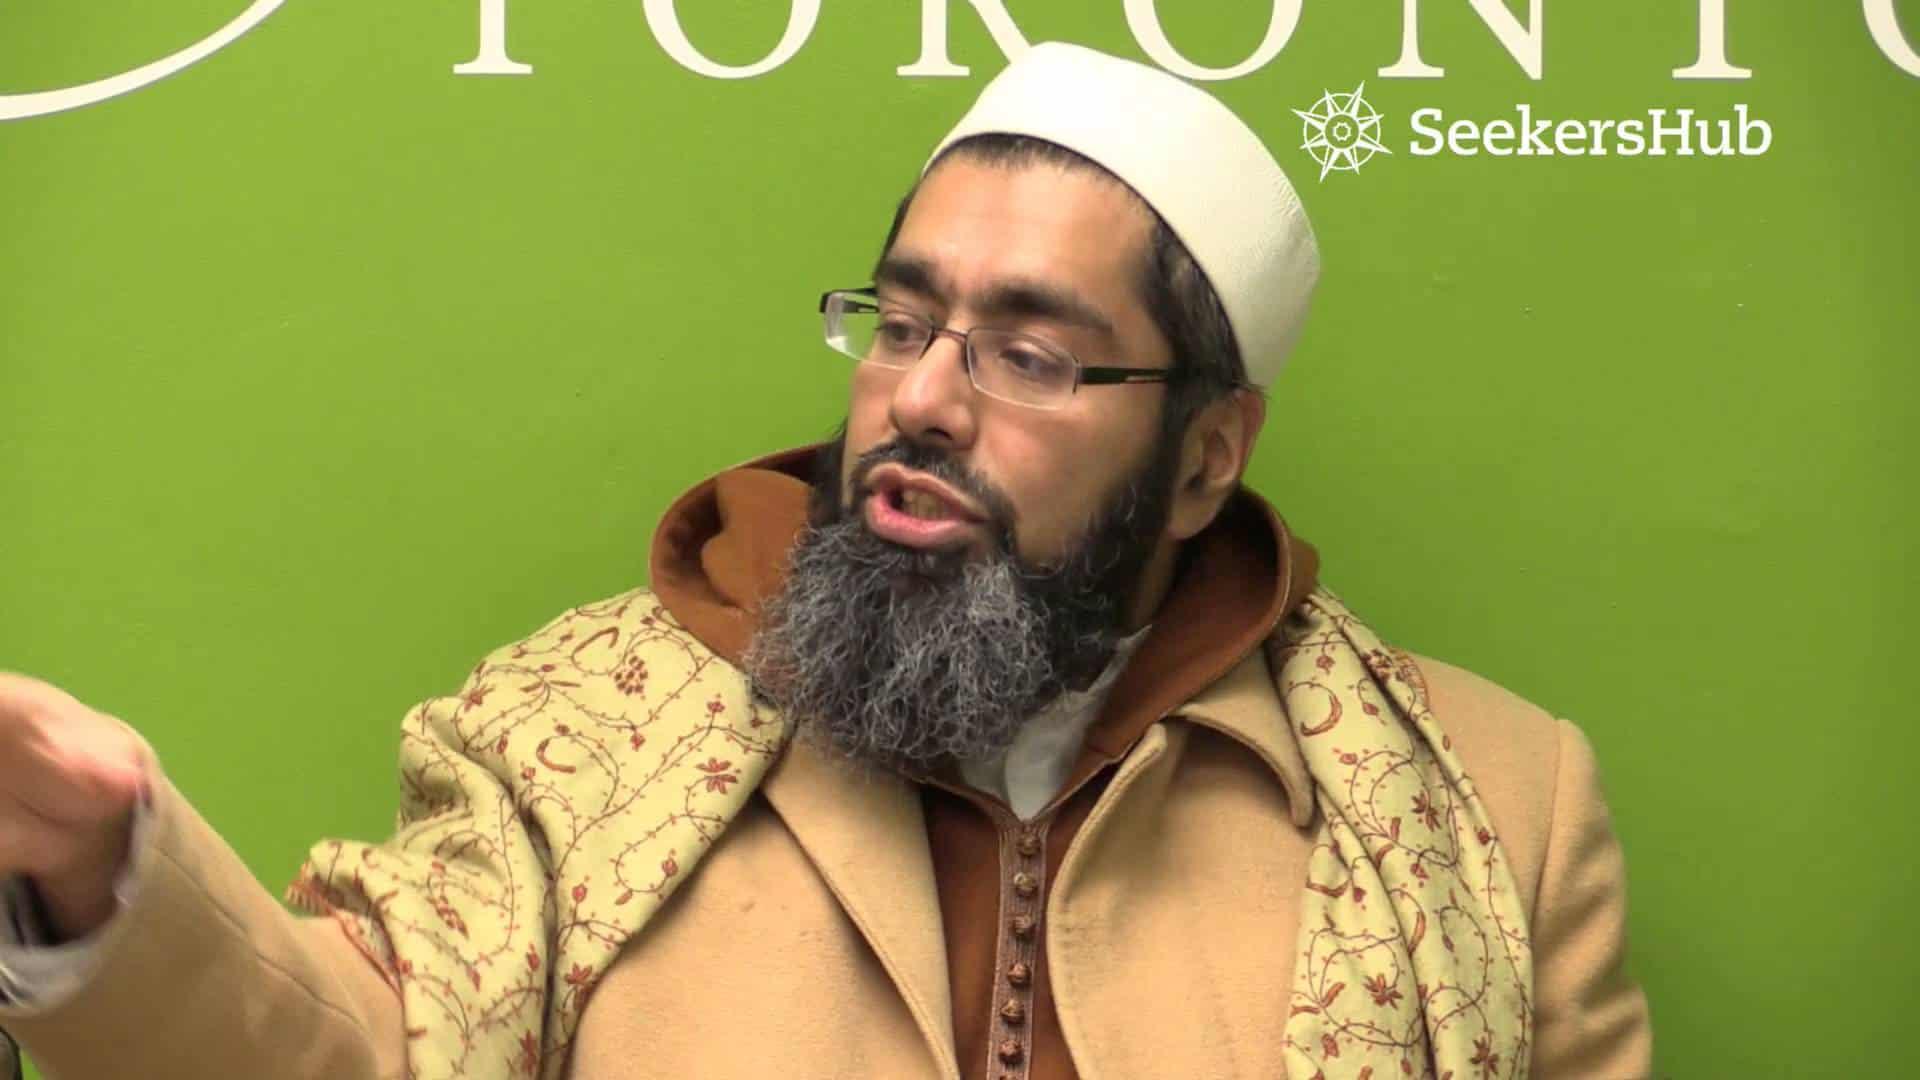 Faraz Rabbani – Whom Should I Take My Islamic Knowledge From?